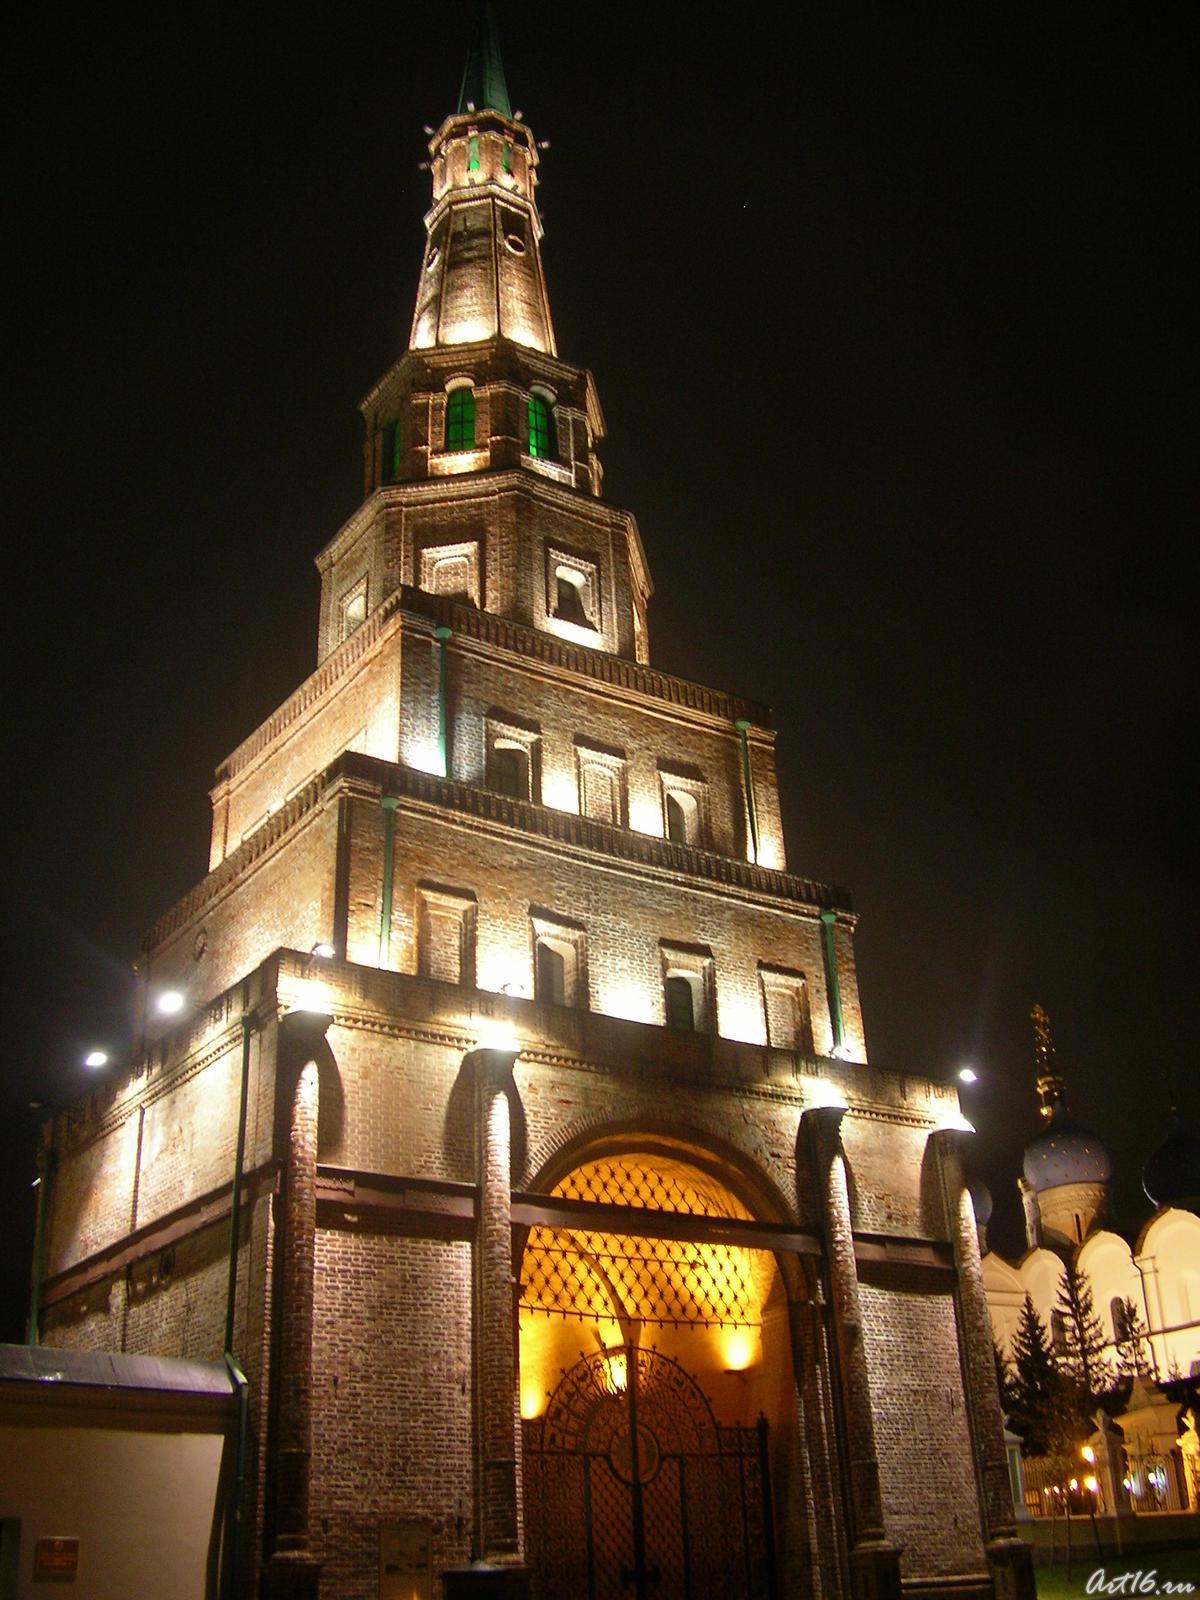 Фото №18522. Башня Сююмбике